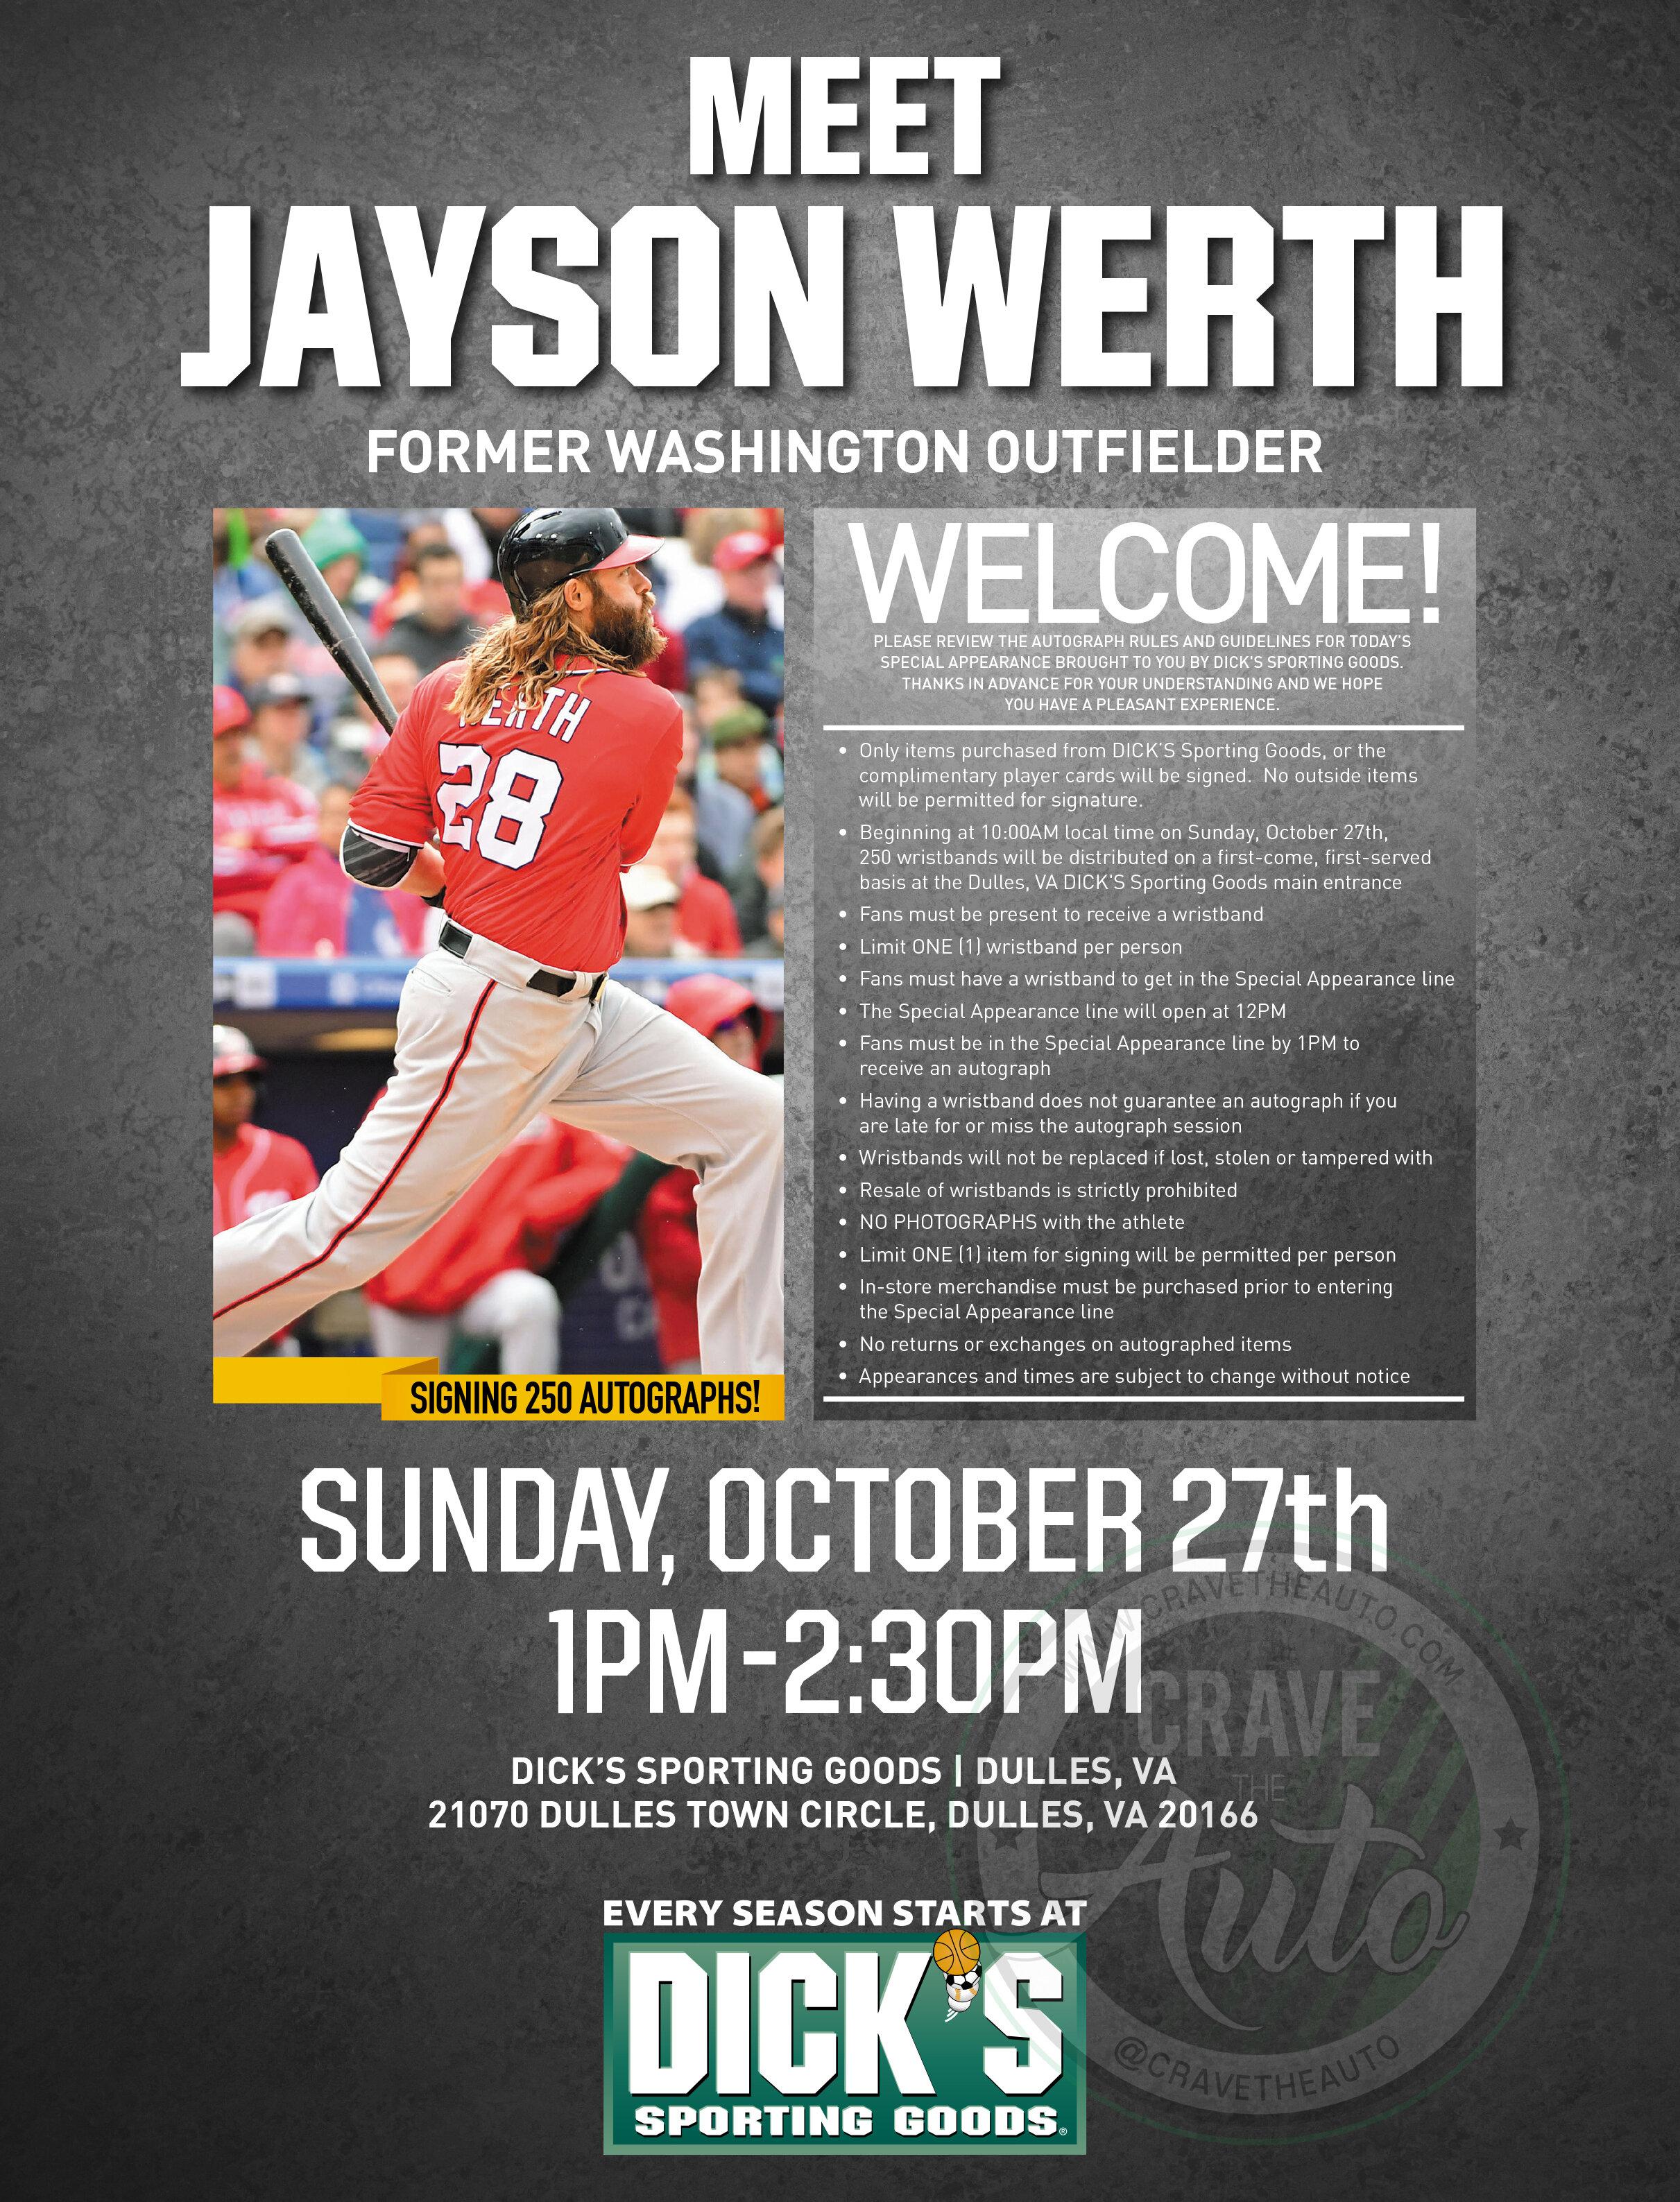 jayson werth crave flyer.jpg